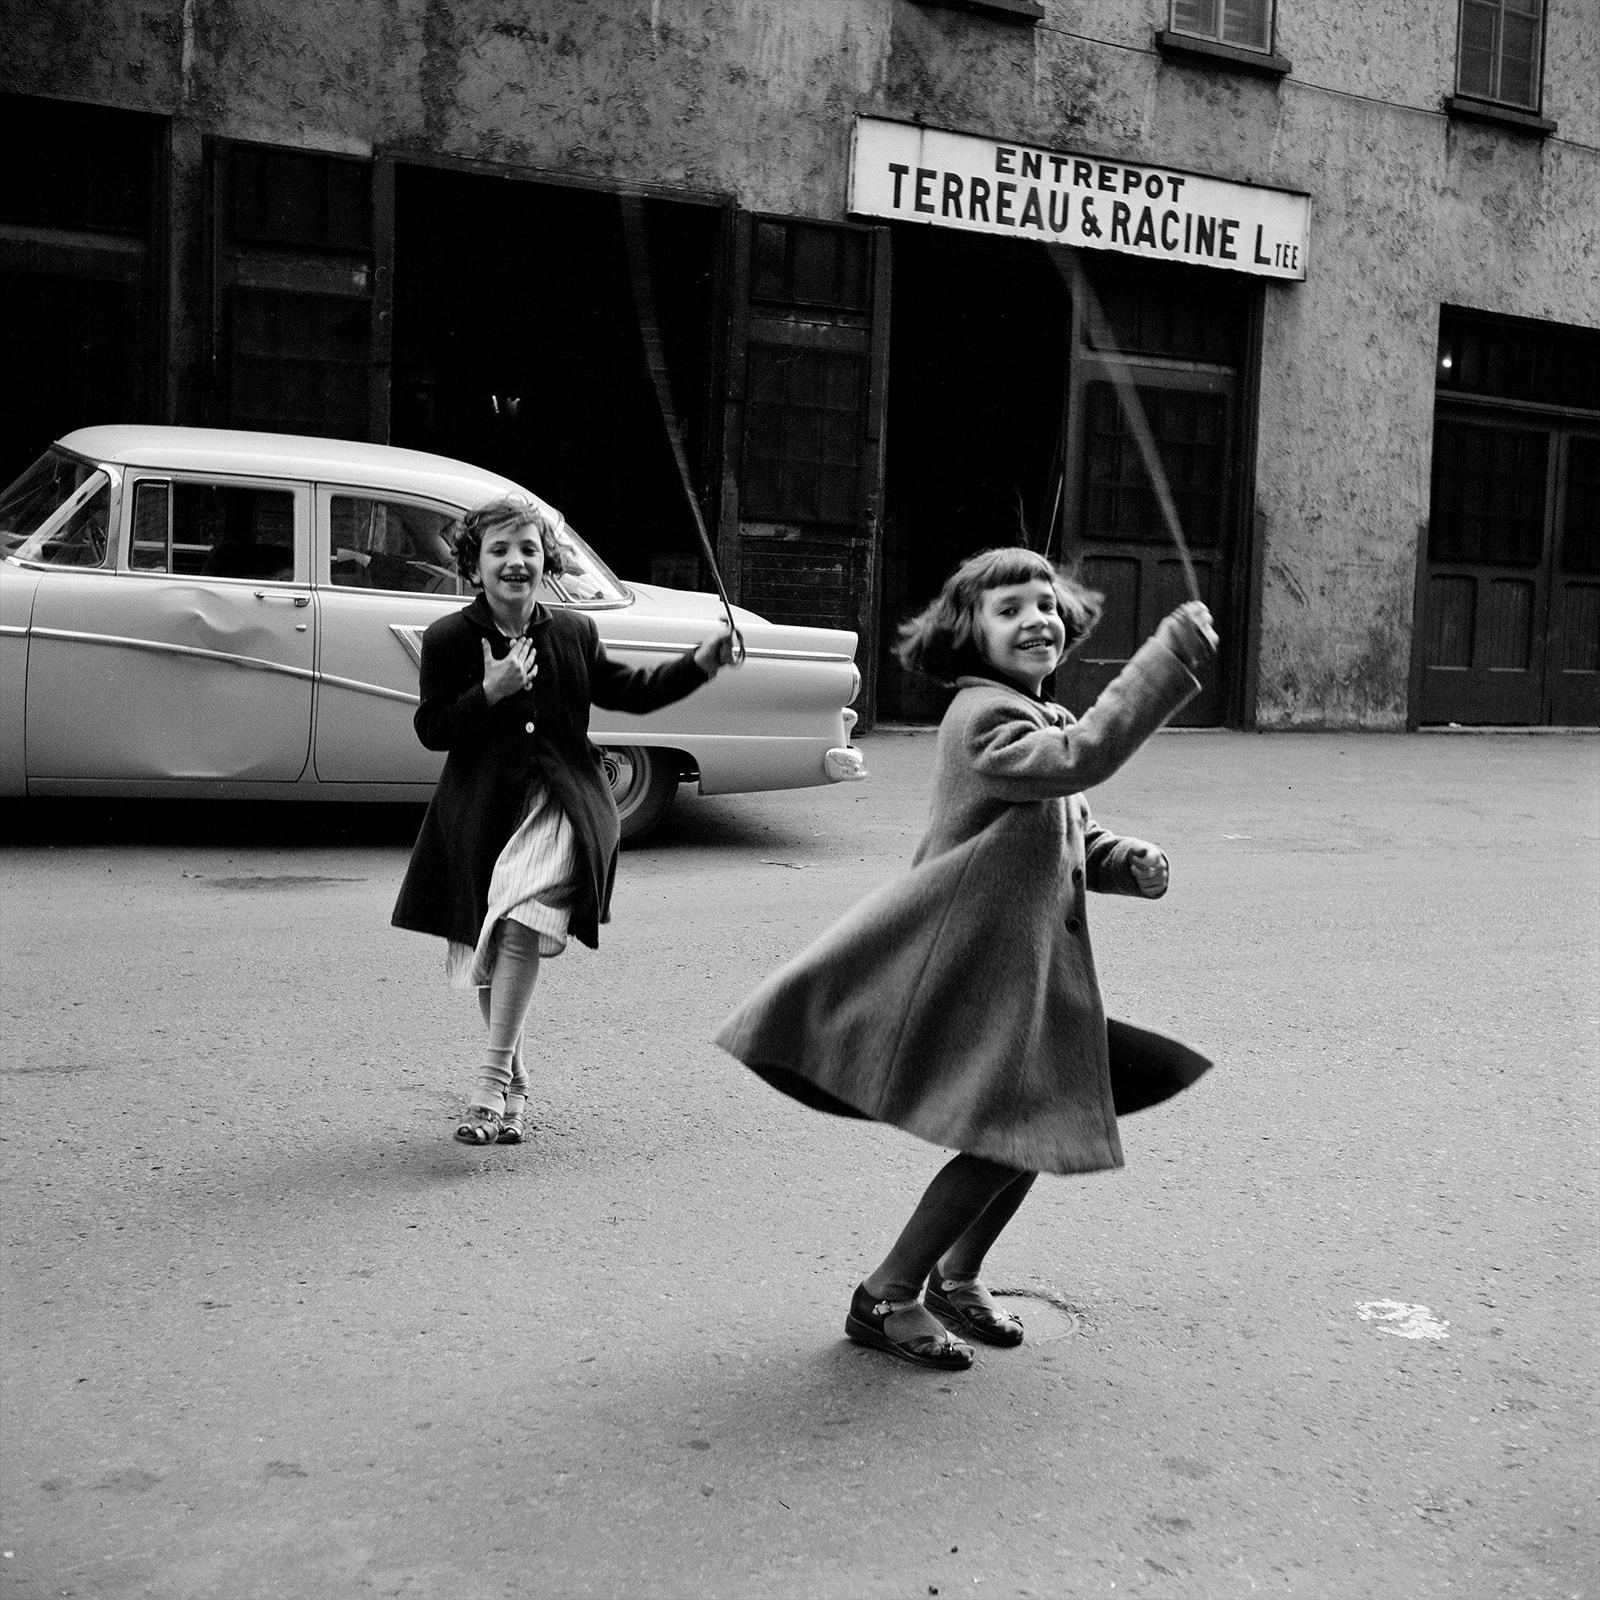 10 pioneiros da fotografia de rua que você precisa conhecer